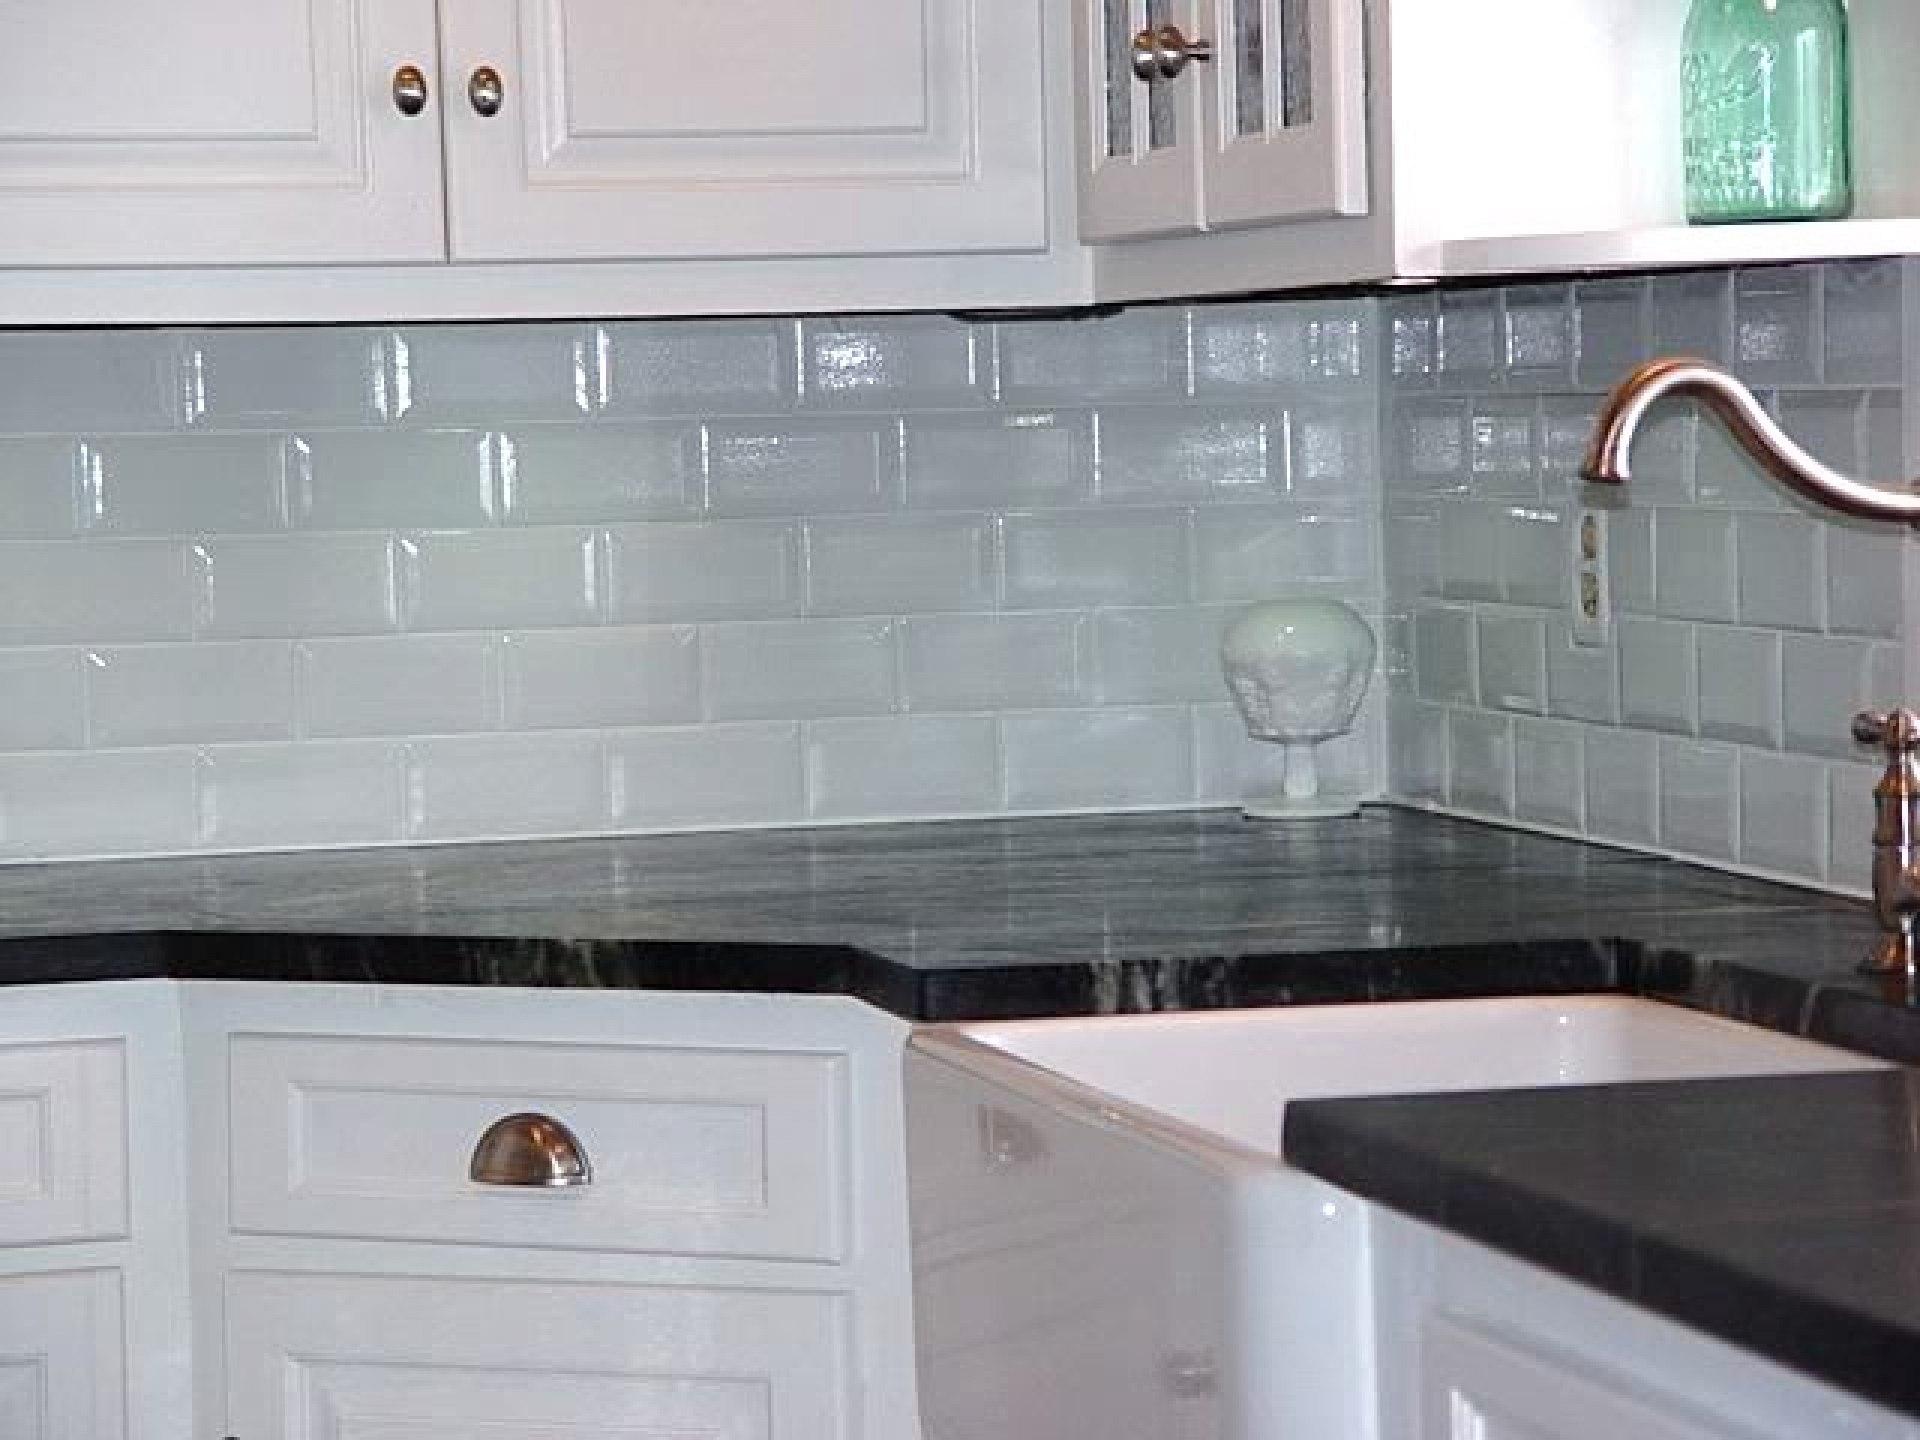 بالصور سيراميك مطابخ , كيف تختار سيراميك مطبخك 5313 6